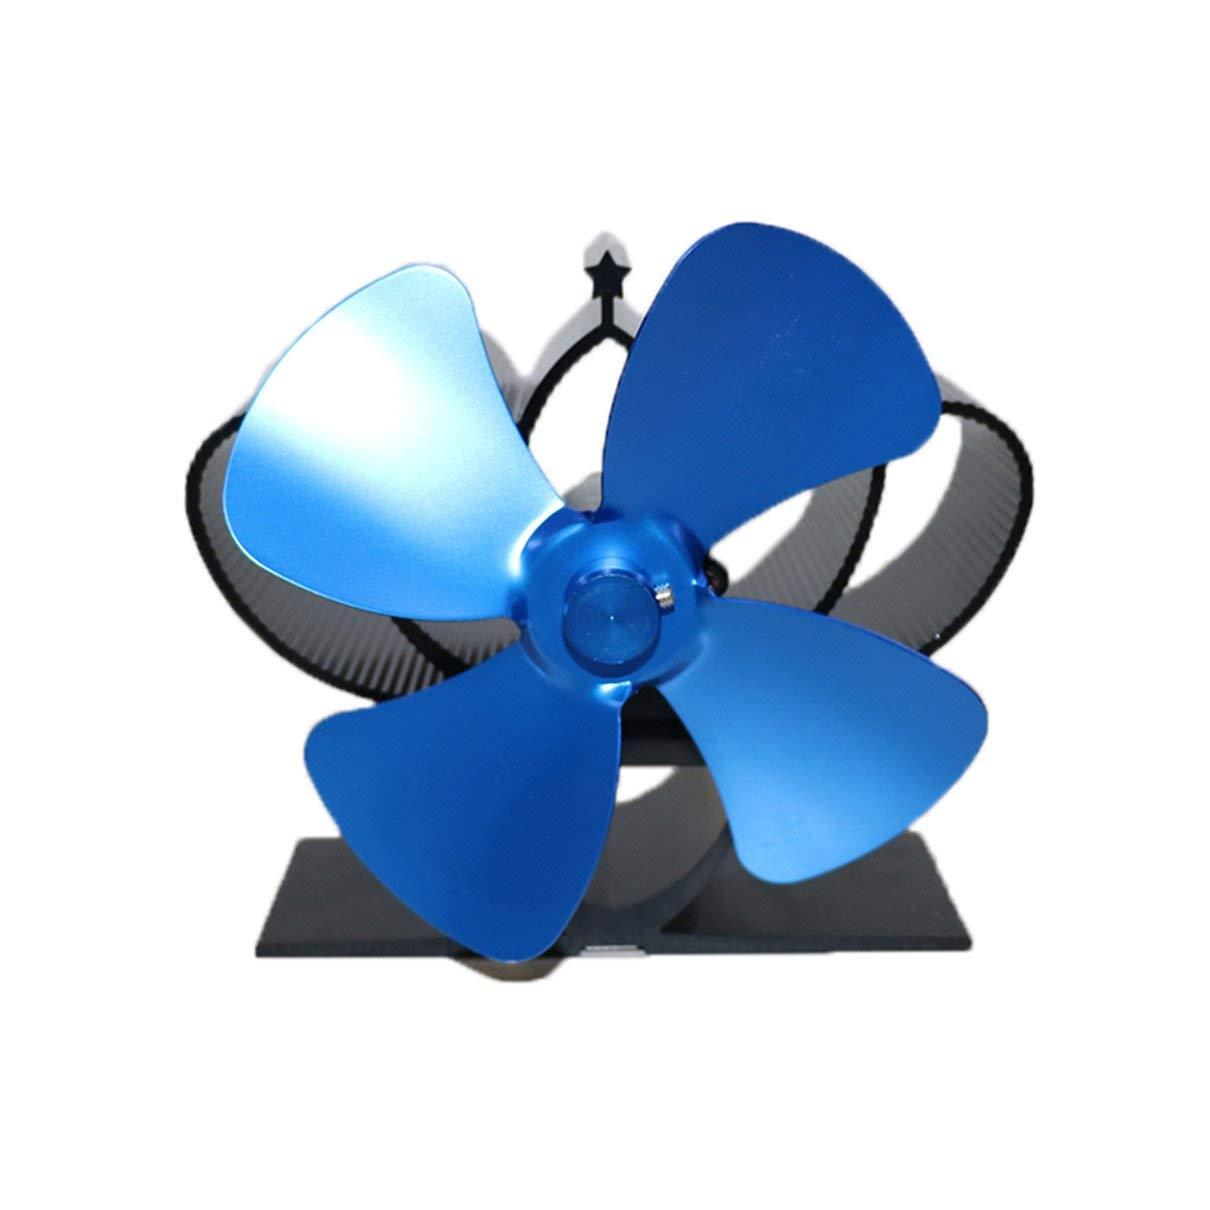 Azul GHFHF YL201 Ventilador de chimenea de energ/ía t/érmica Ventilador de estufa de le/ña alimentado por calor para le/ña//quemador de le/ña//chimenea Ventiladores ecol/ógicos de cuatro hojas